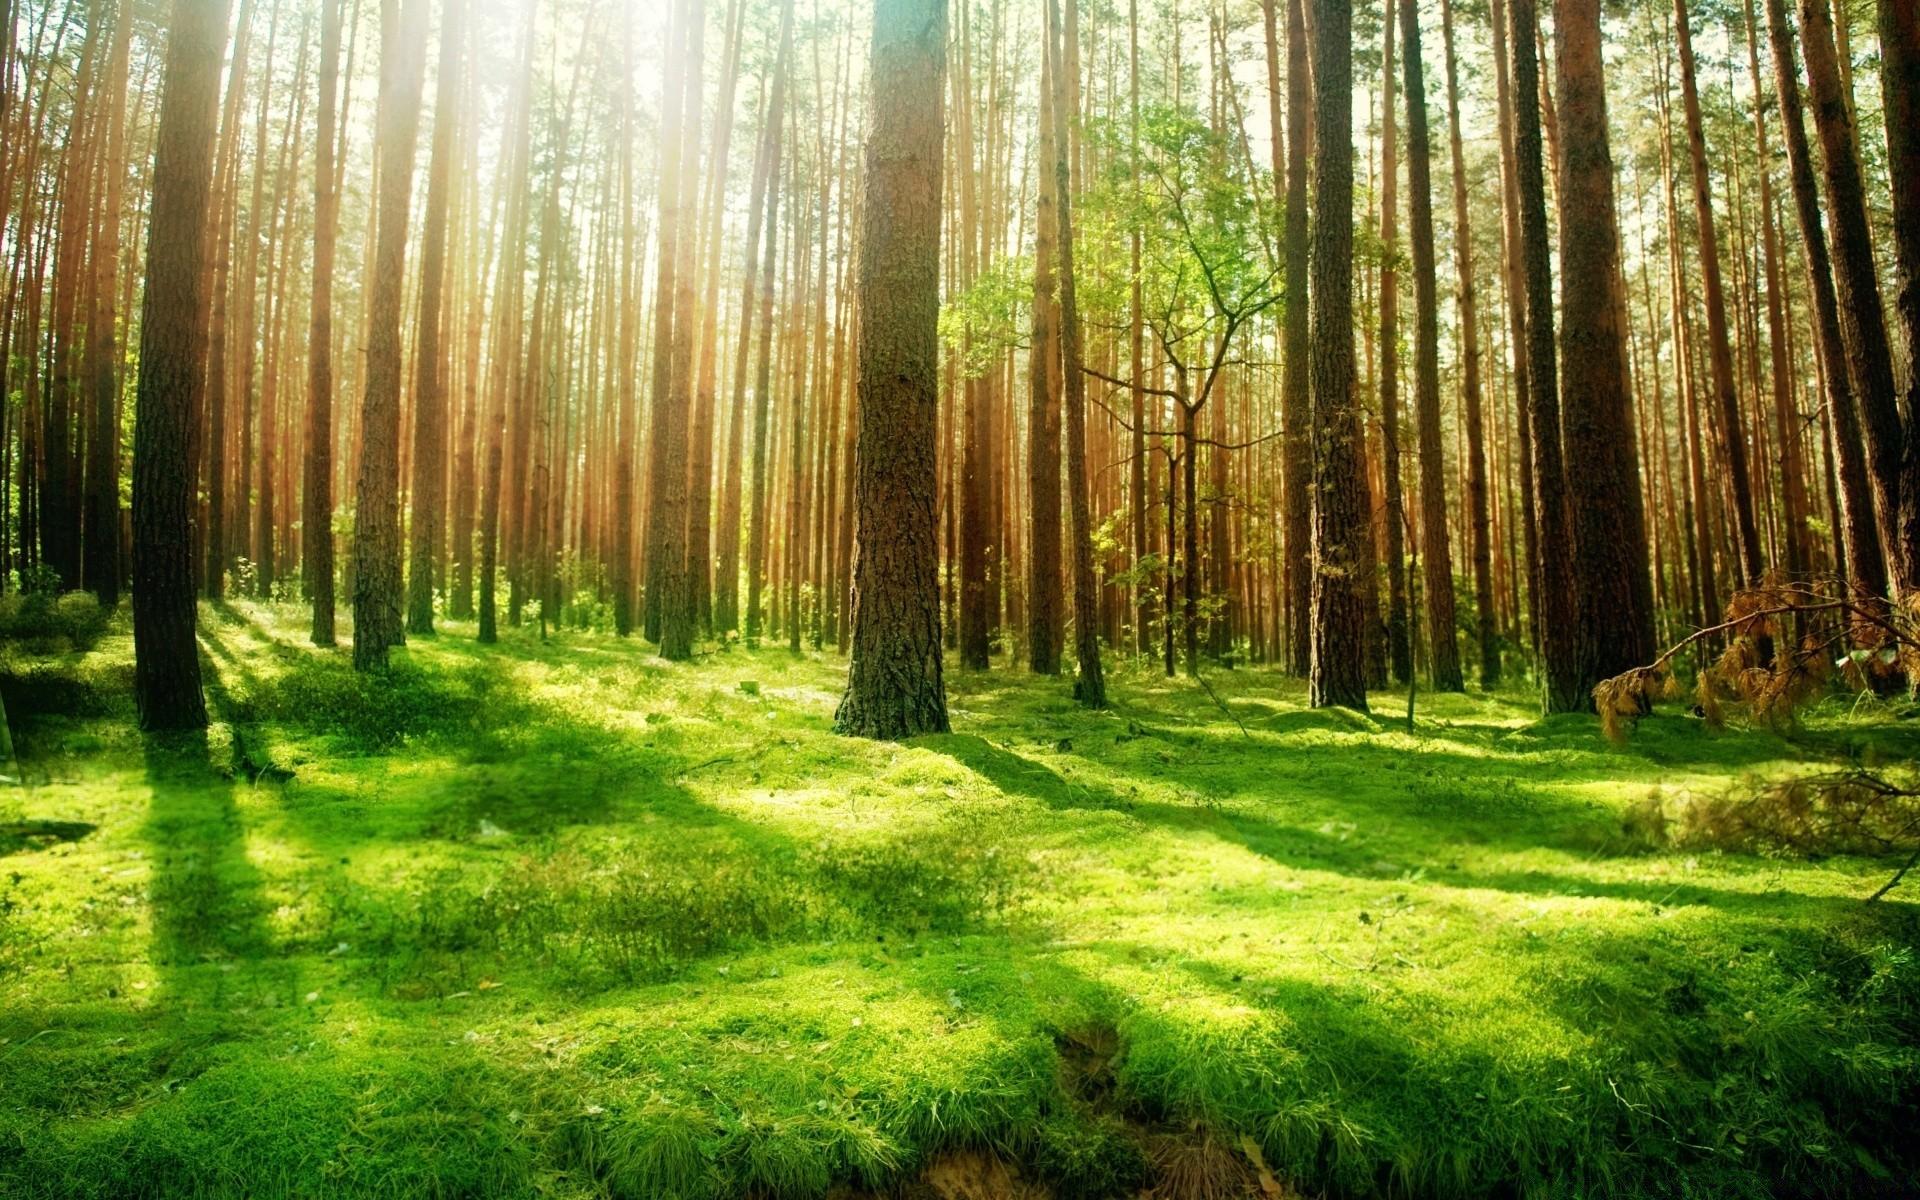 фото на фоне леса - 3